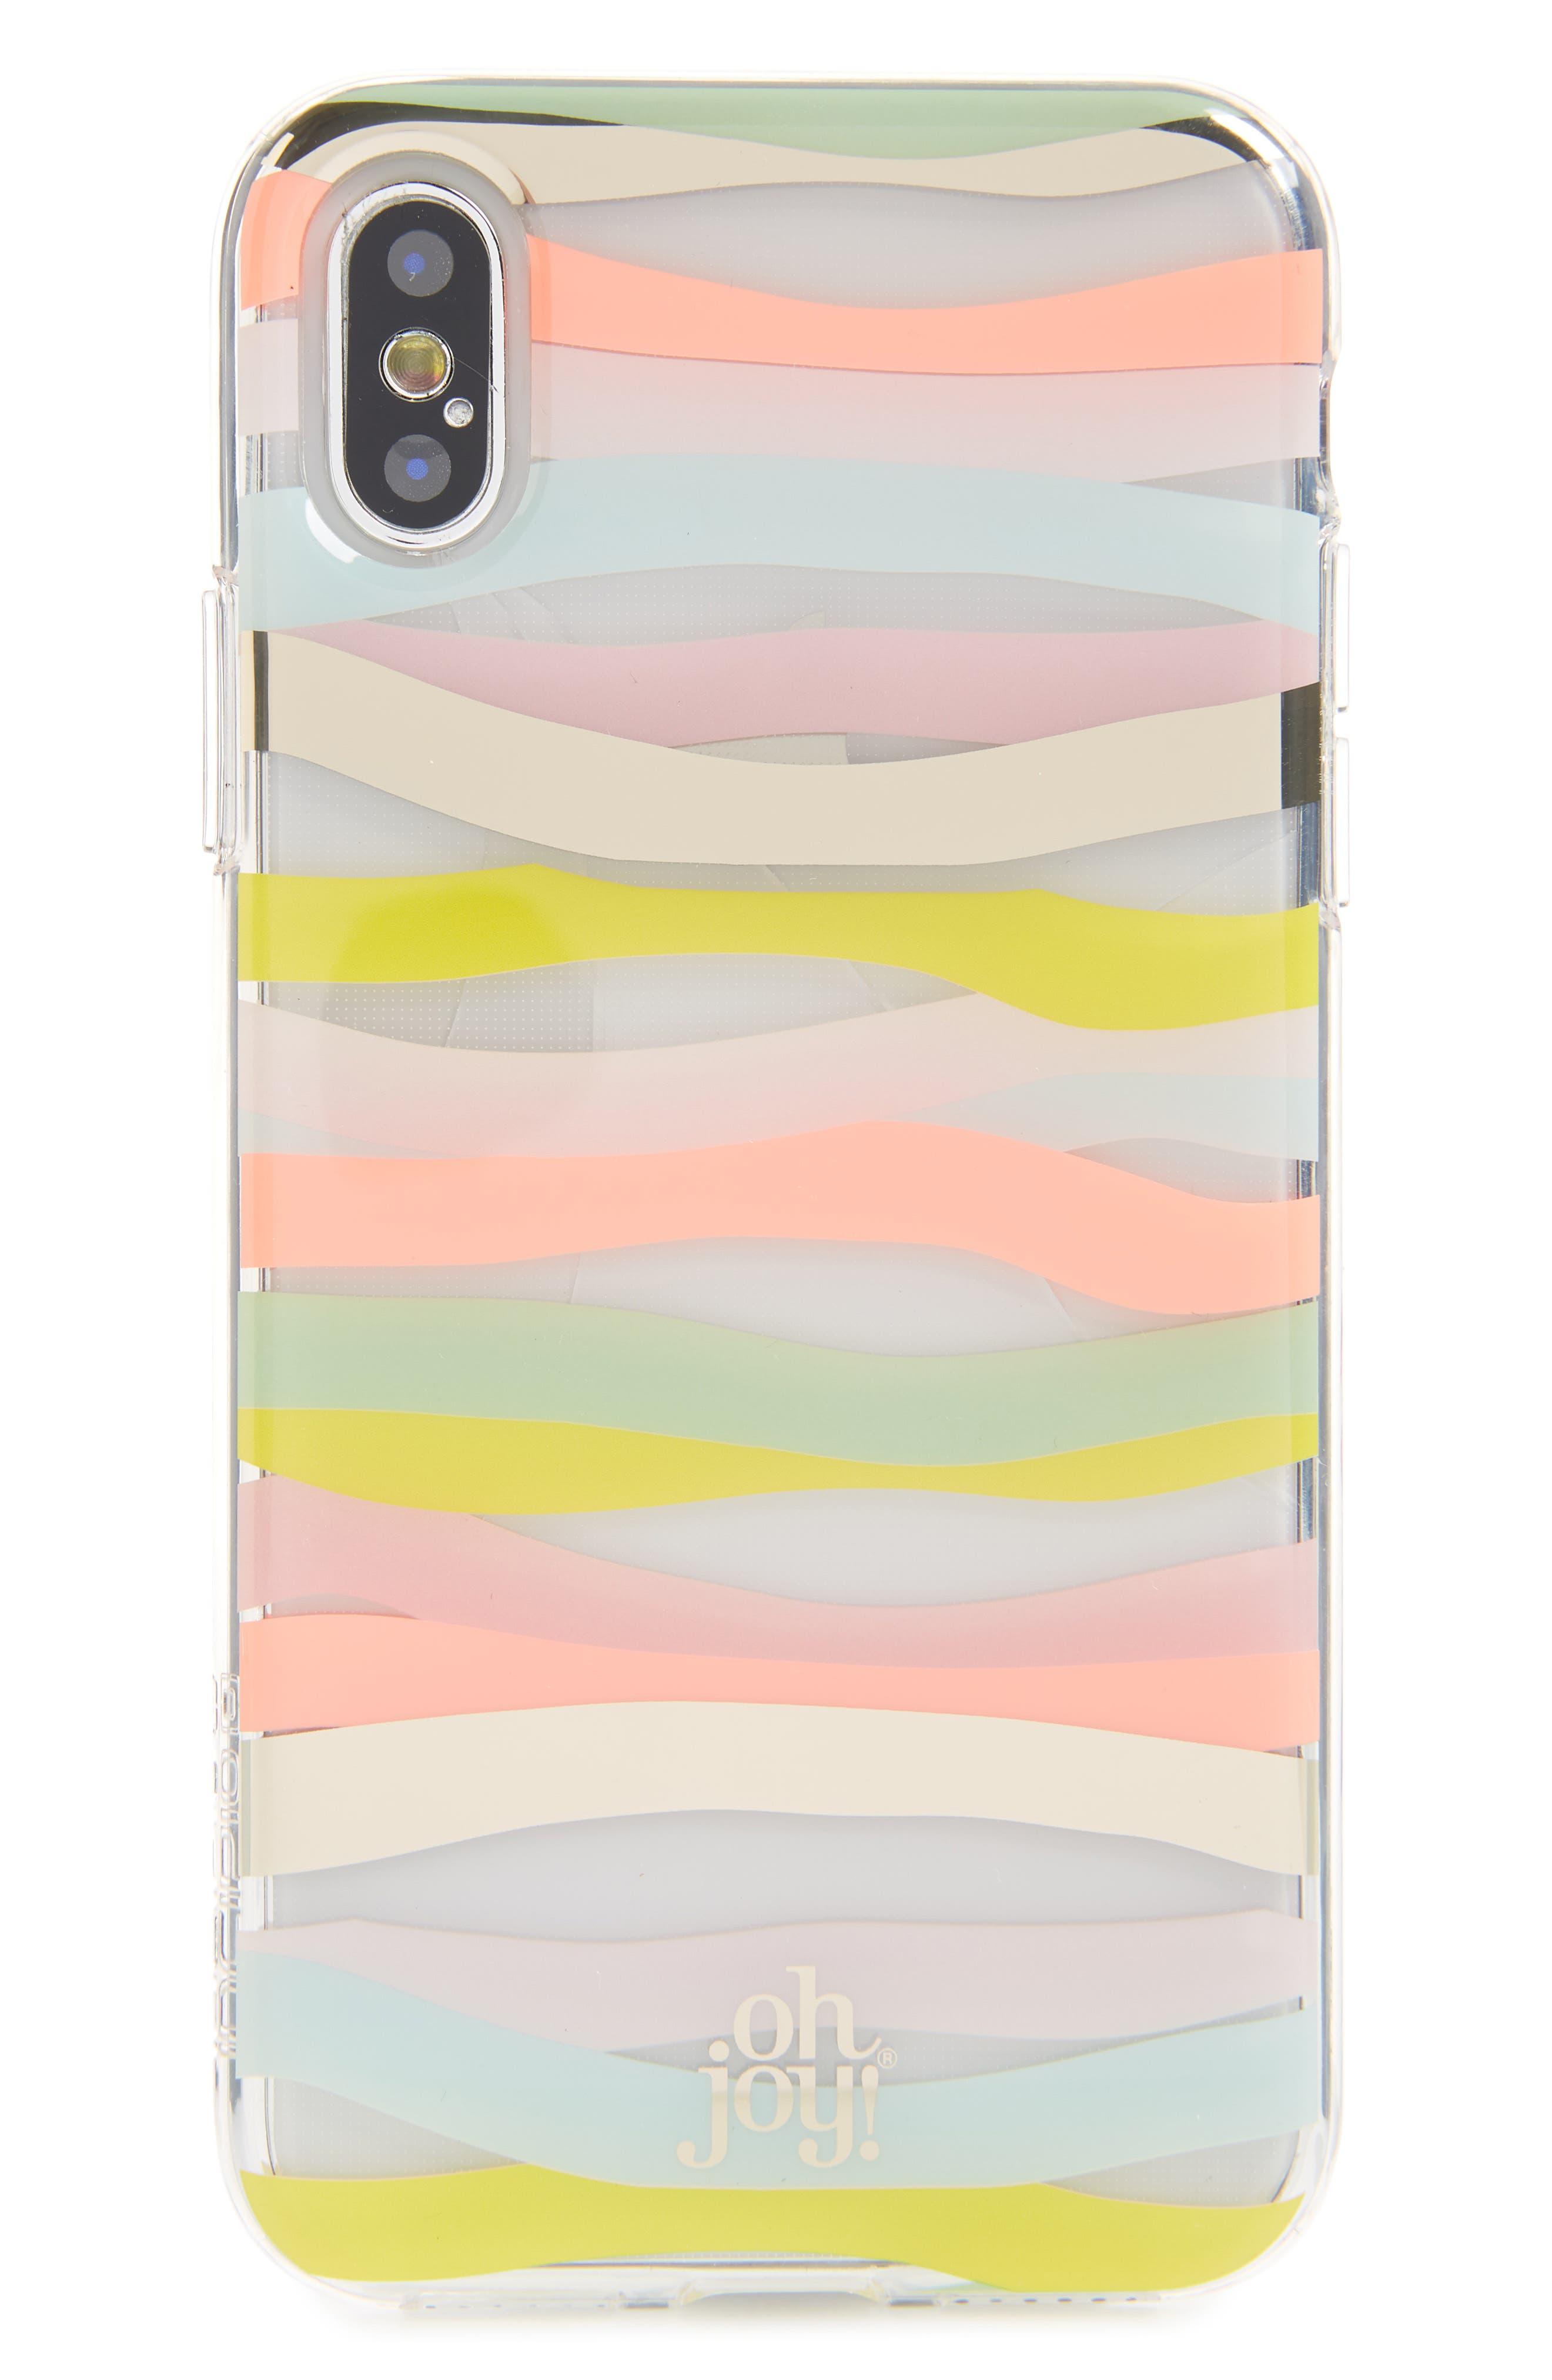 Oh Joy Stripe iPhone X/Xs Plus Case,                         Main,                         color, 650